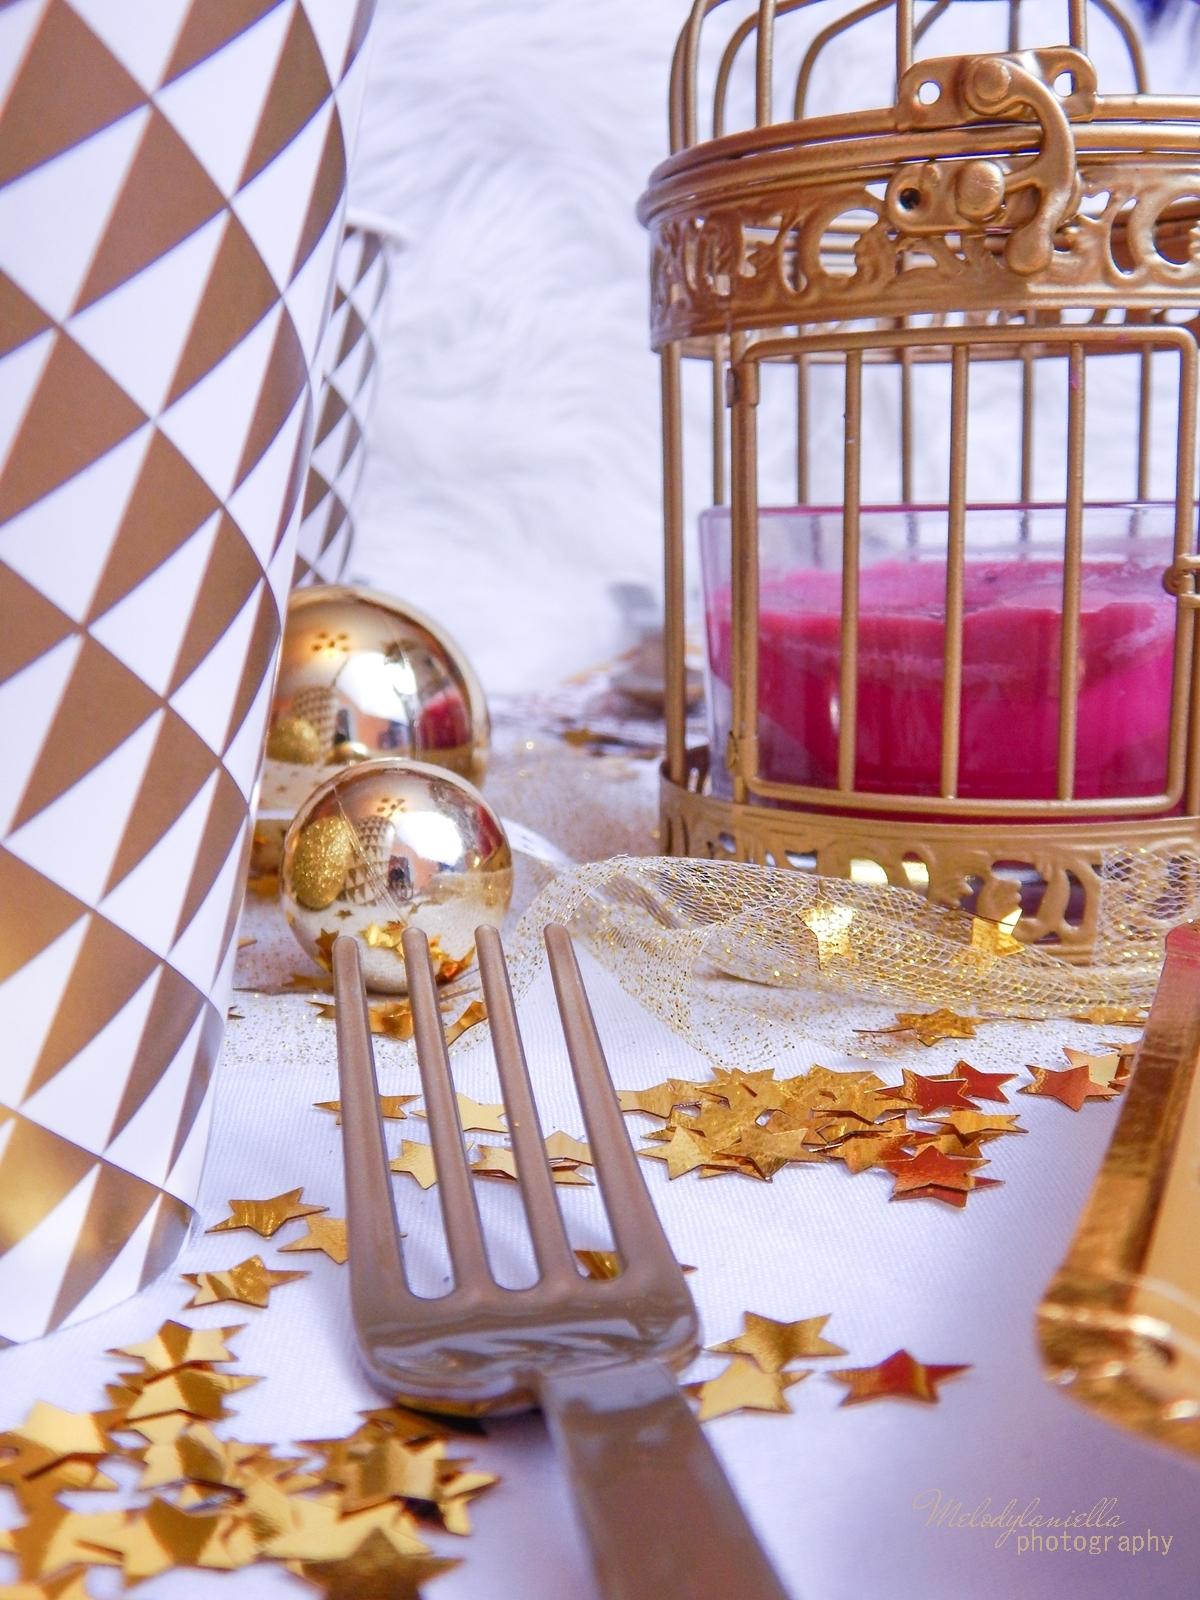 6 jak udekorować stół na imprezę dekoracja stołu karnawałowego świątecznego weselnego urodzinowego dekoracje dodatki partybox.pl partybox sklep z dodatkami na imprezy ciekawe gadżety